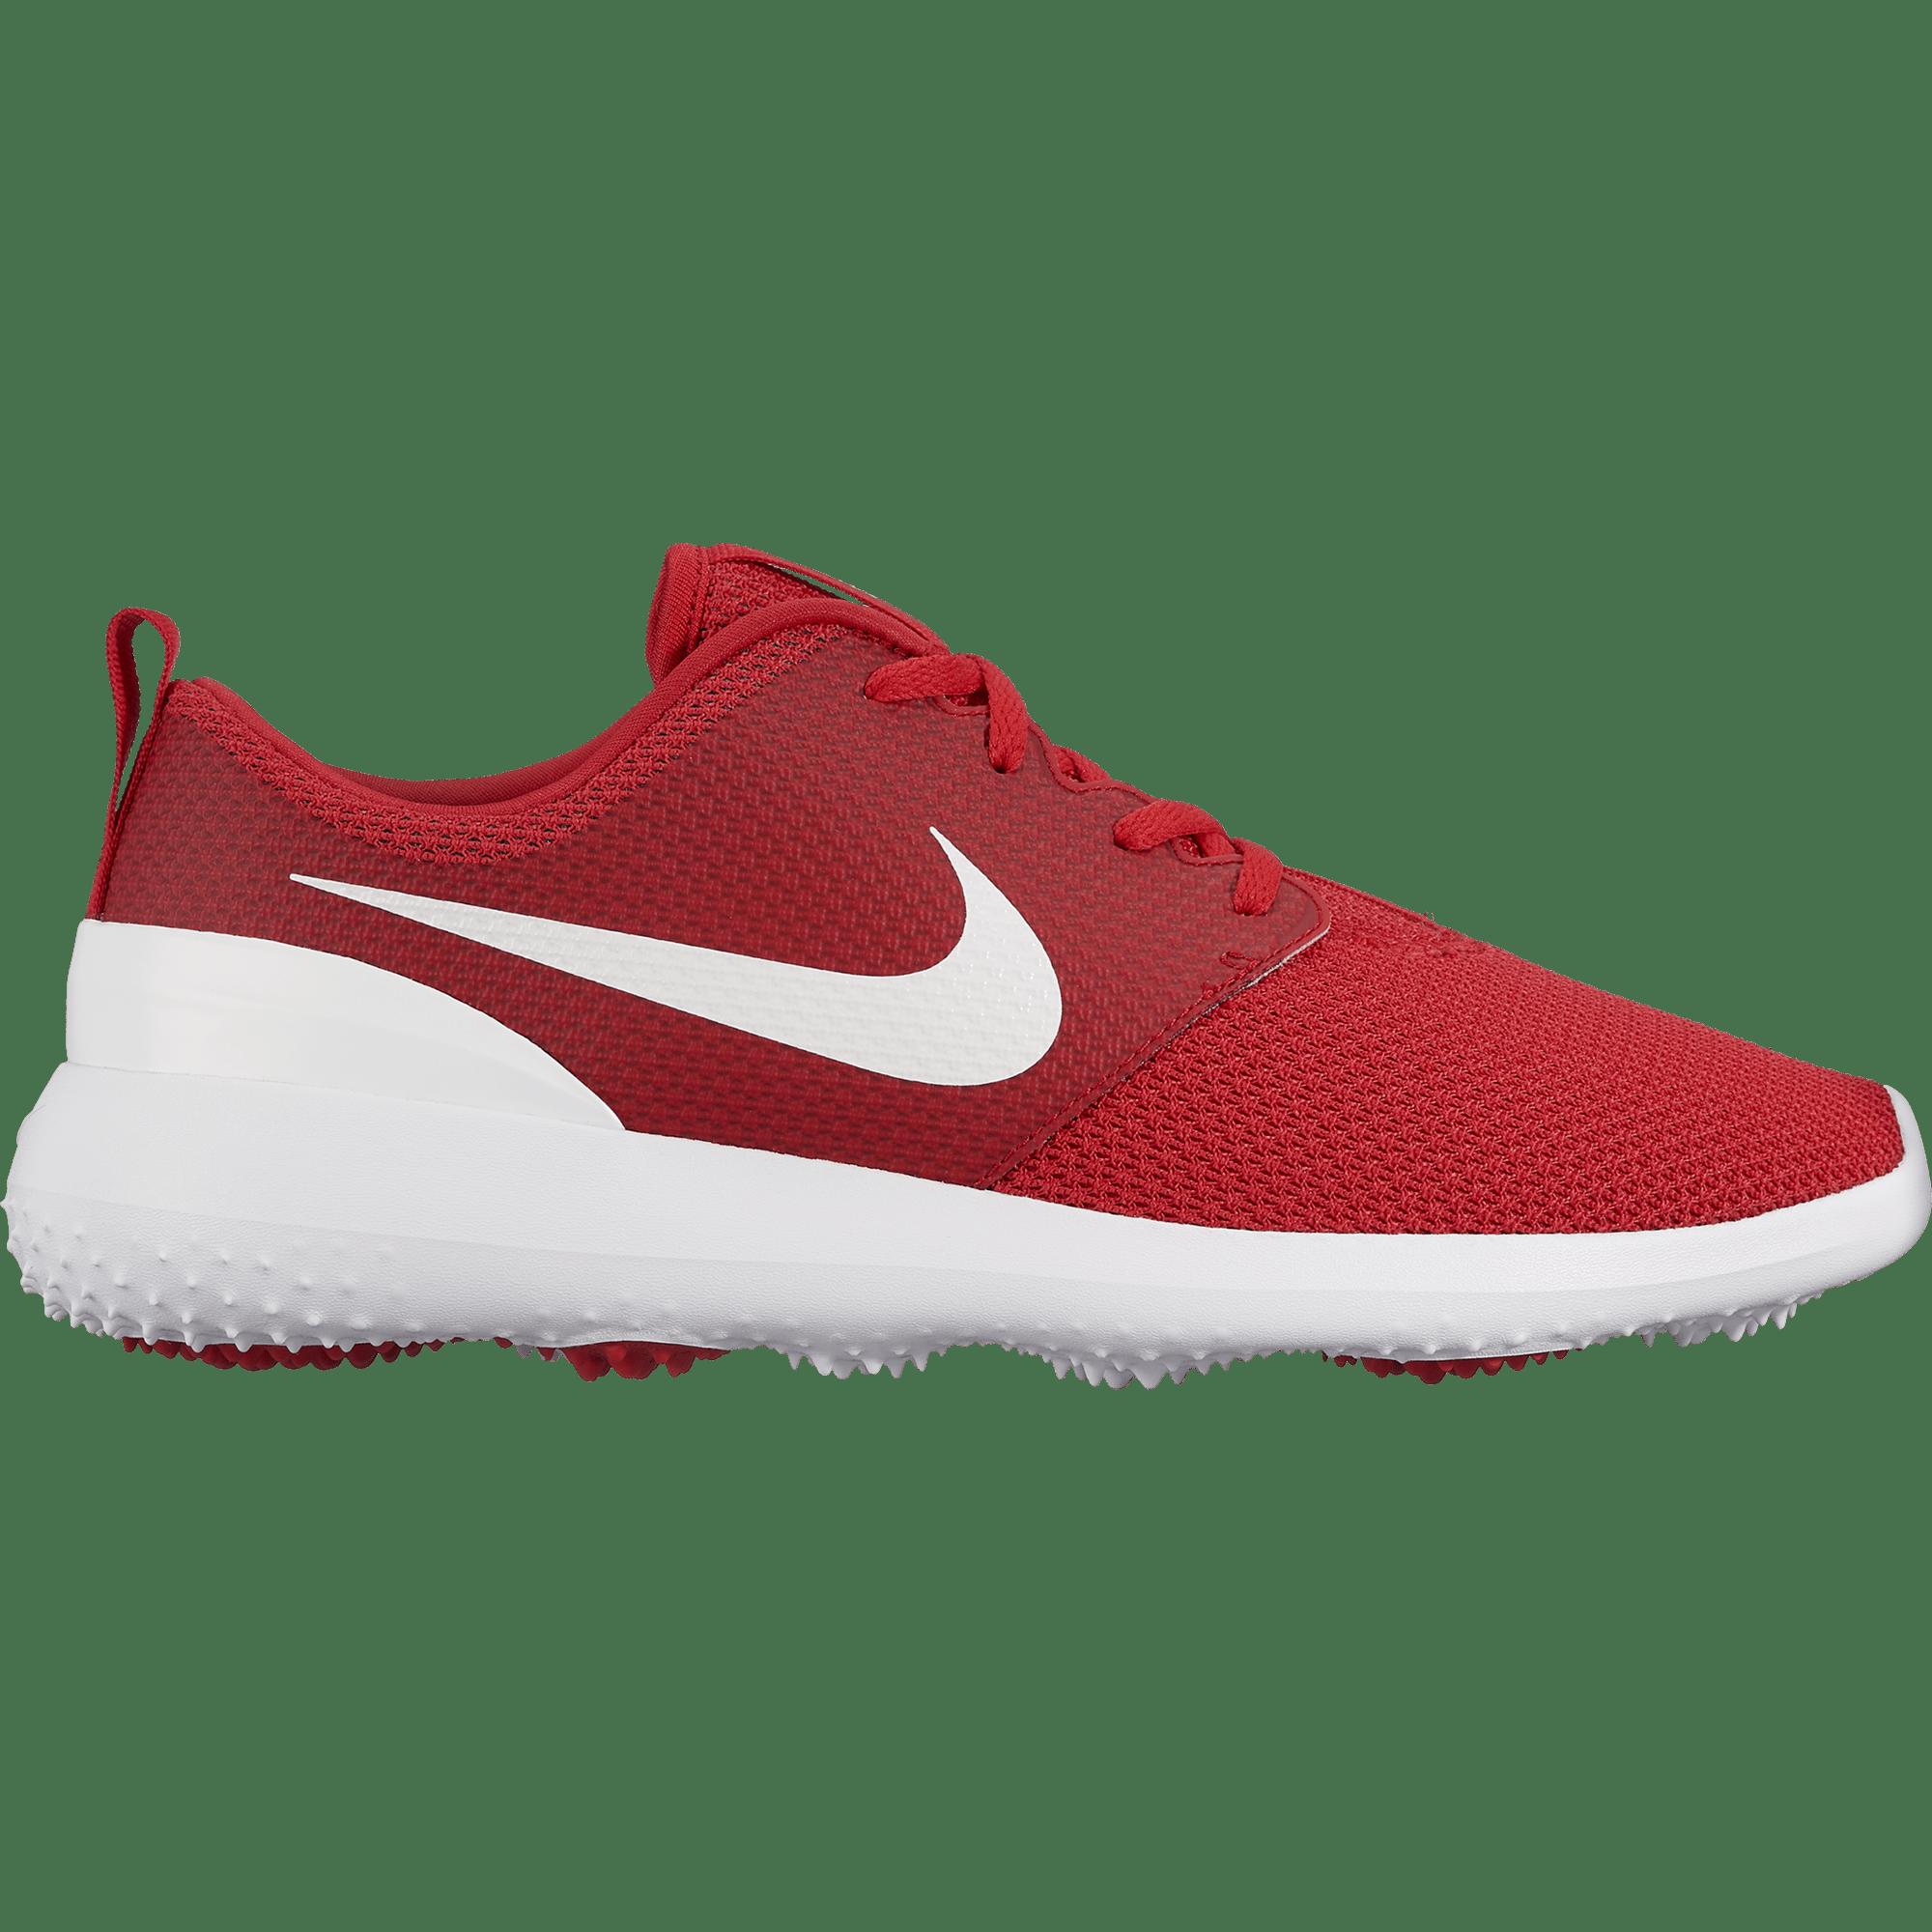 Nike Roshe G Men's Golf Shoe - Red